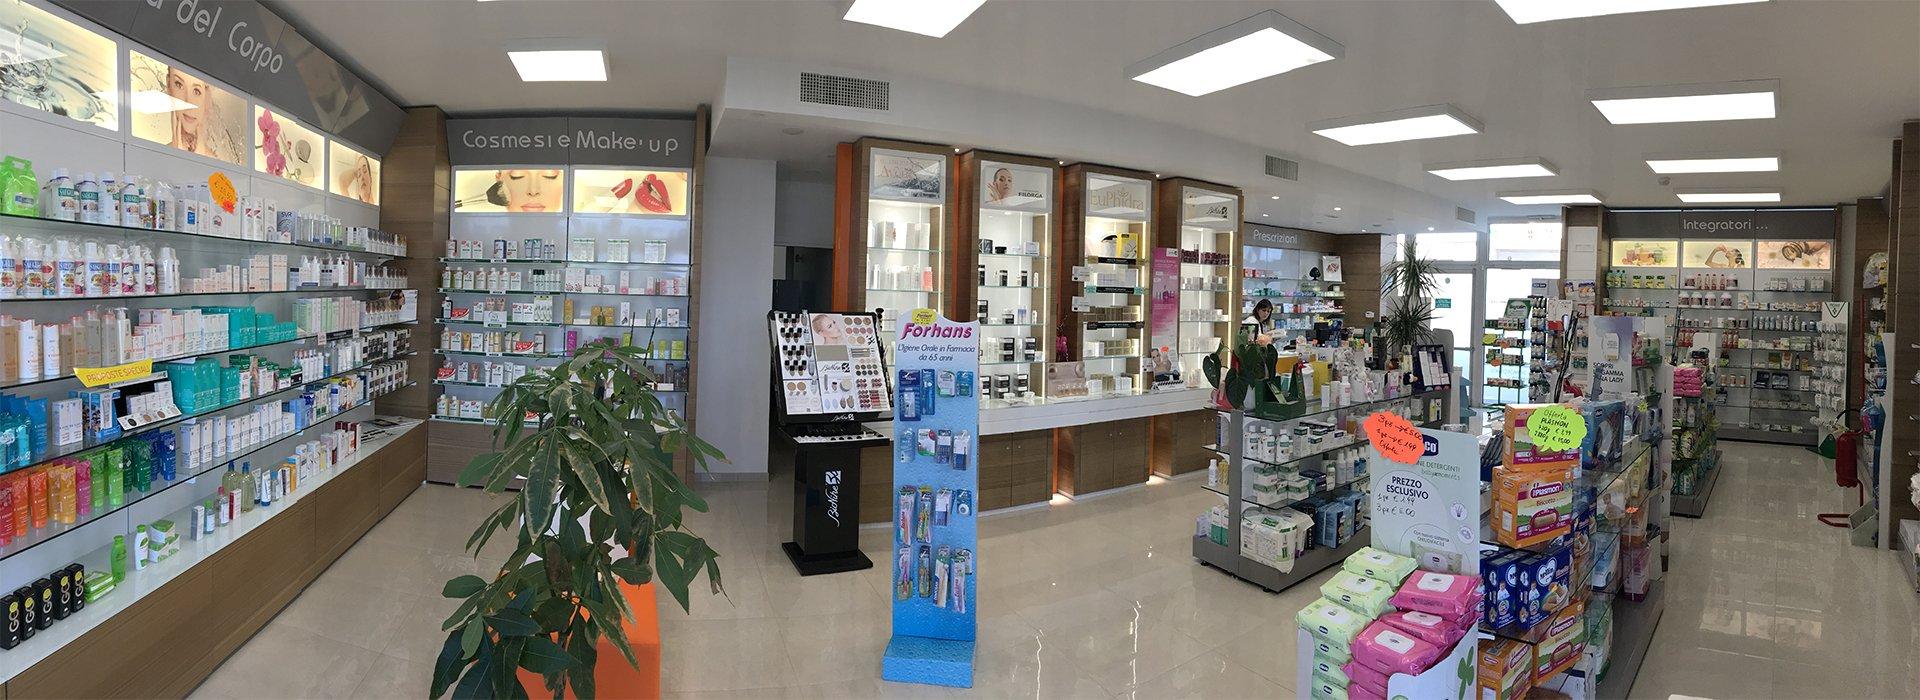 farmacia olimpica